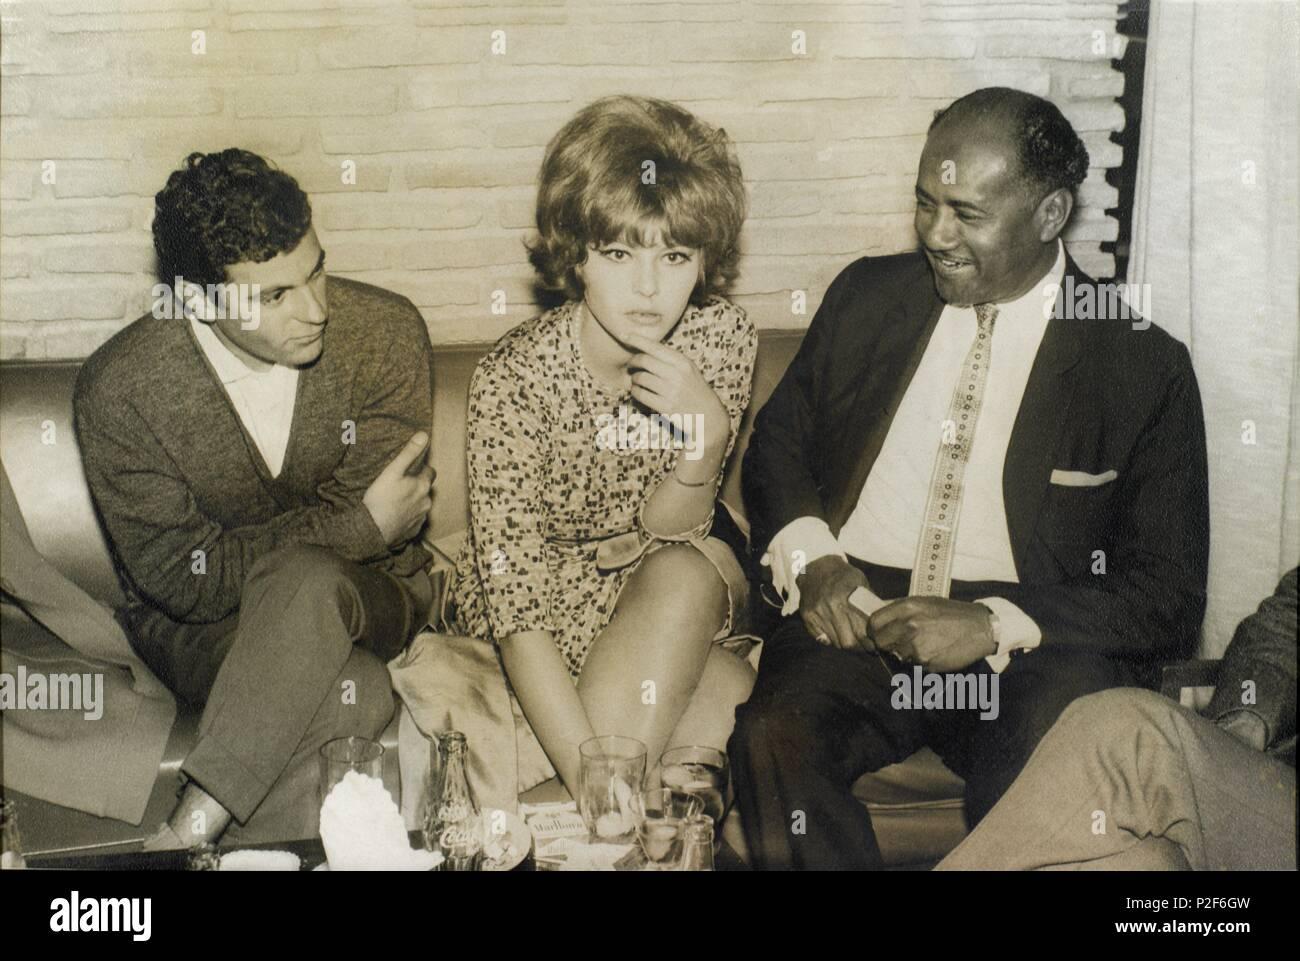 La actriz italiana Claudia Mori junto al escritor español Juan Marsé en Torremolinos el año 1964. - Stock Image